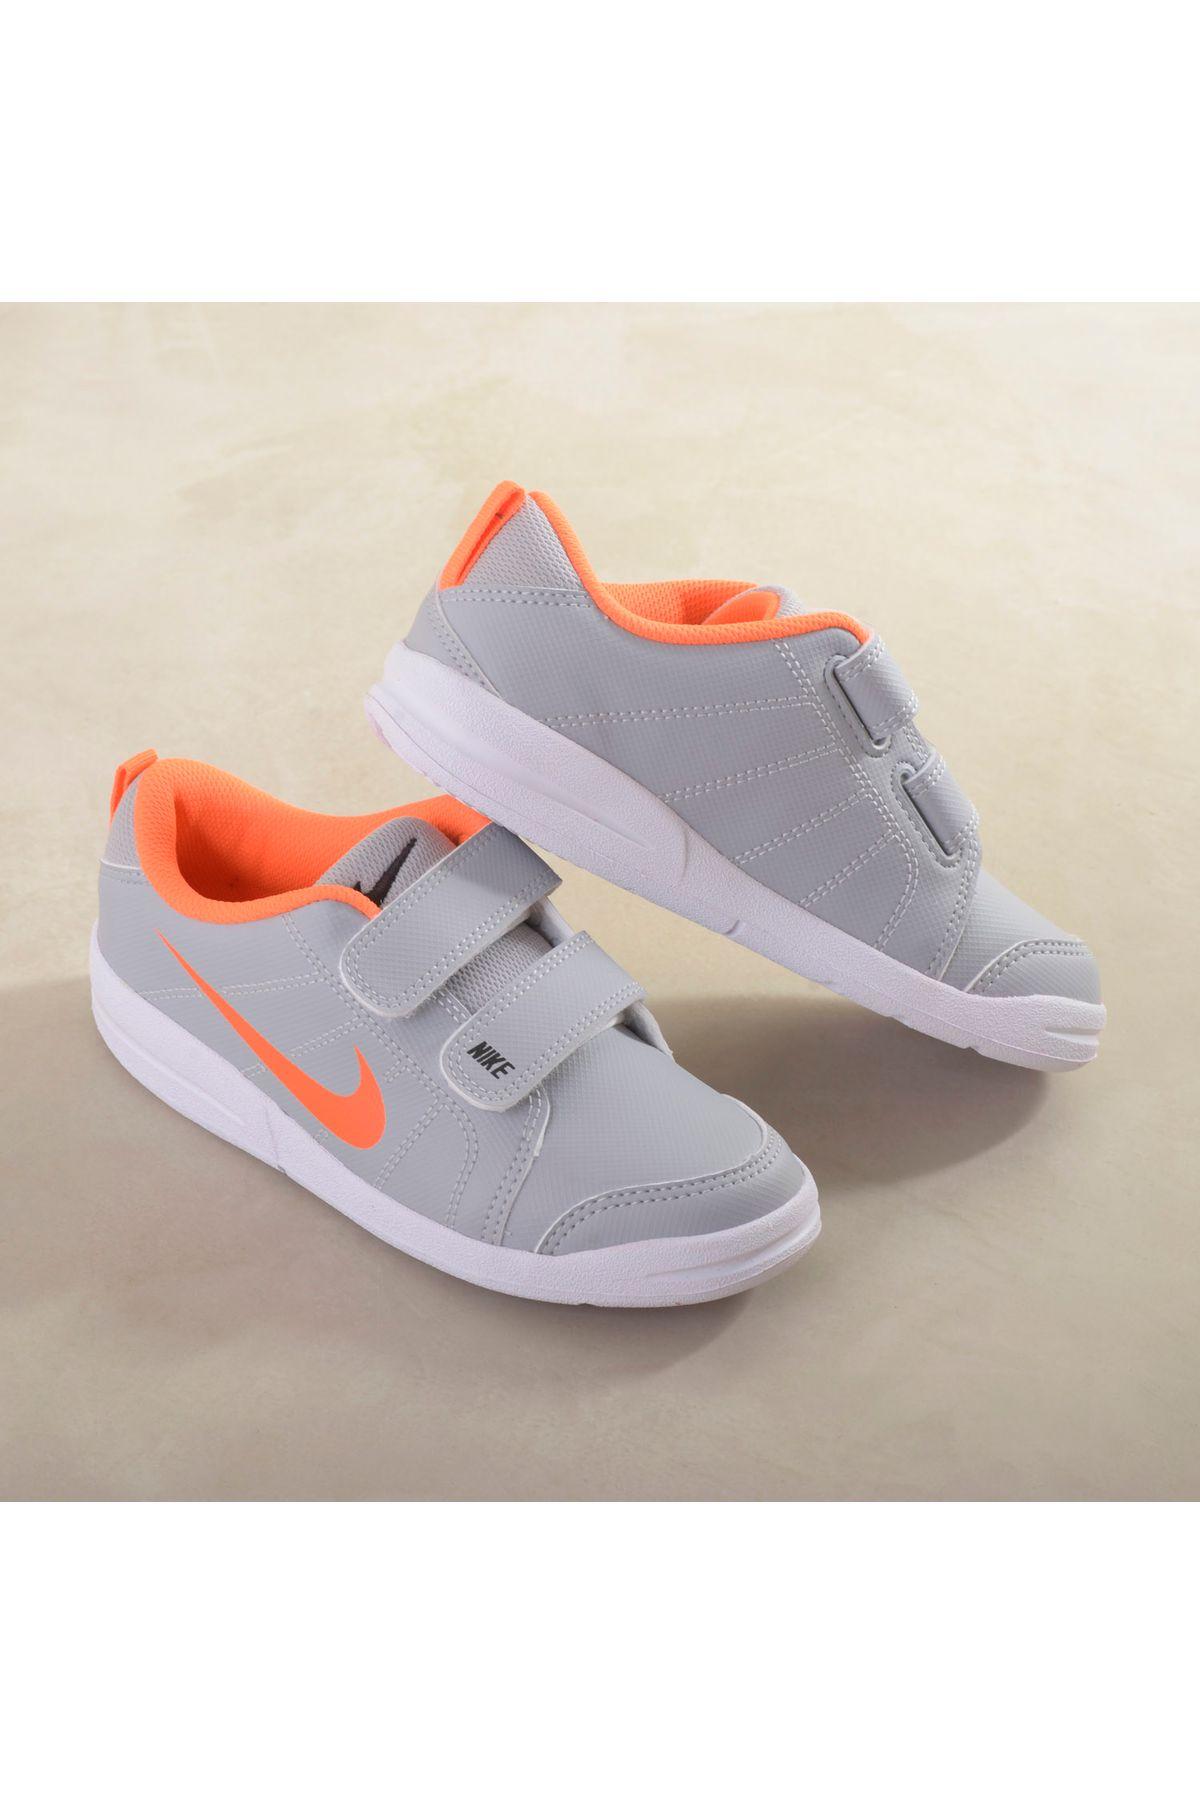 2c59908703ed8 Tênis Infantil Nike Pico Jr | Mundial Calçados - Mundial Calçados